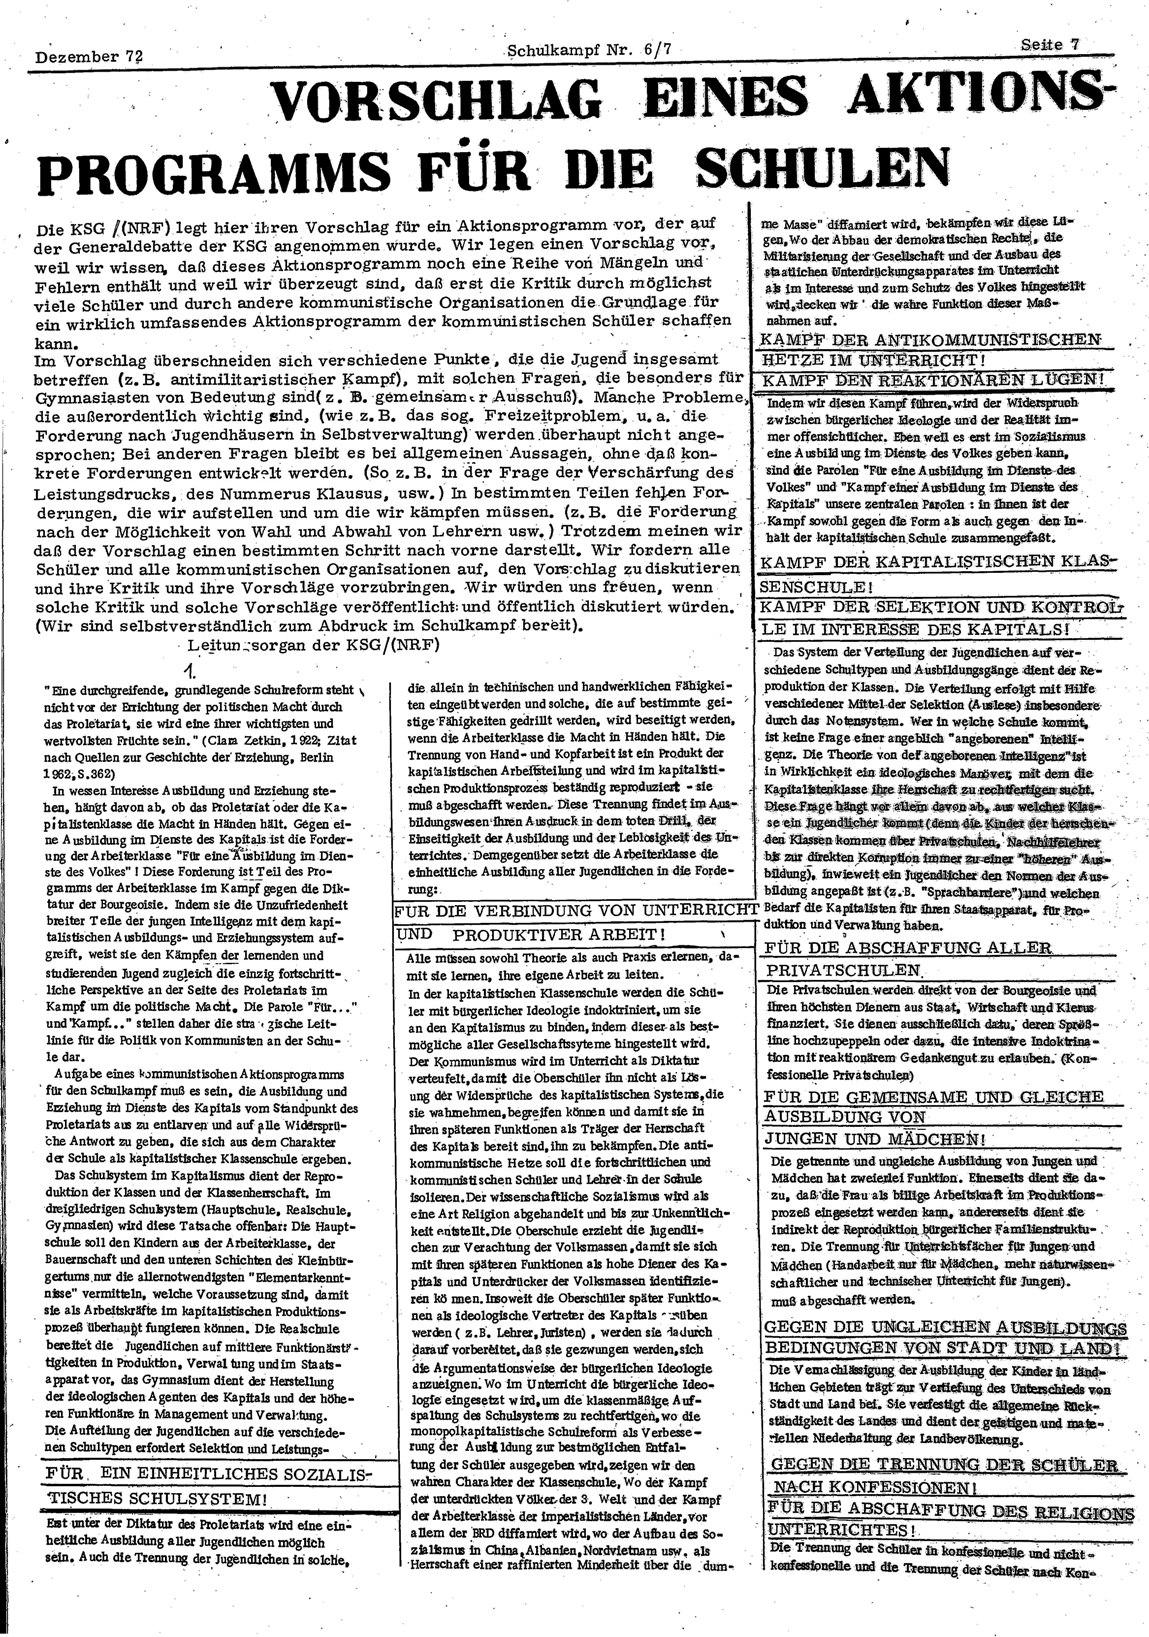 Schulkampf_HD_1972_06_07